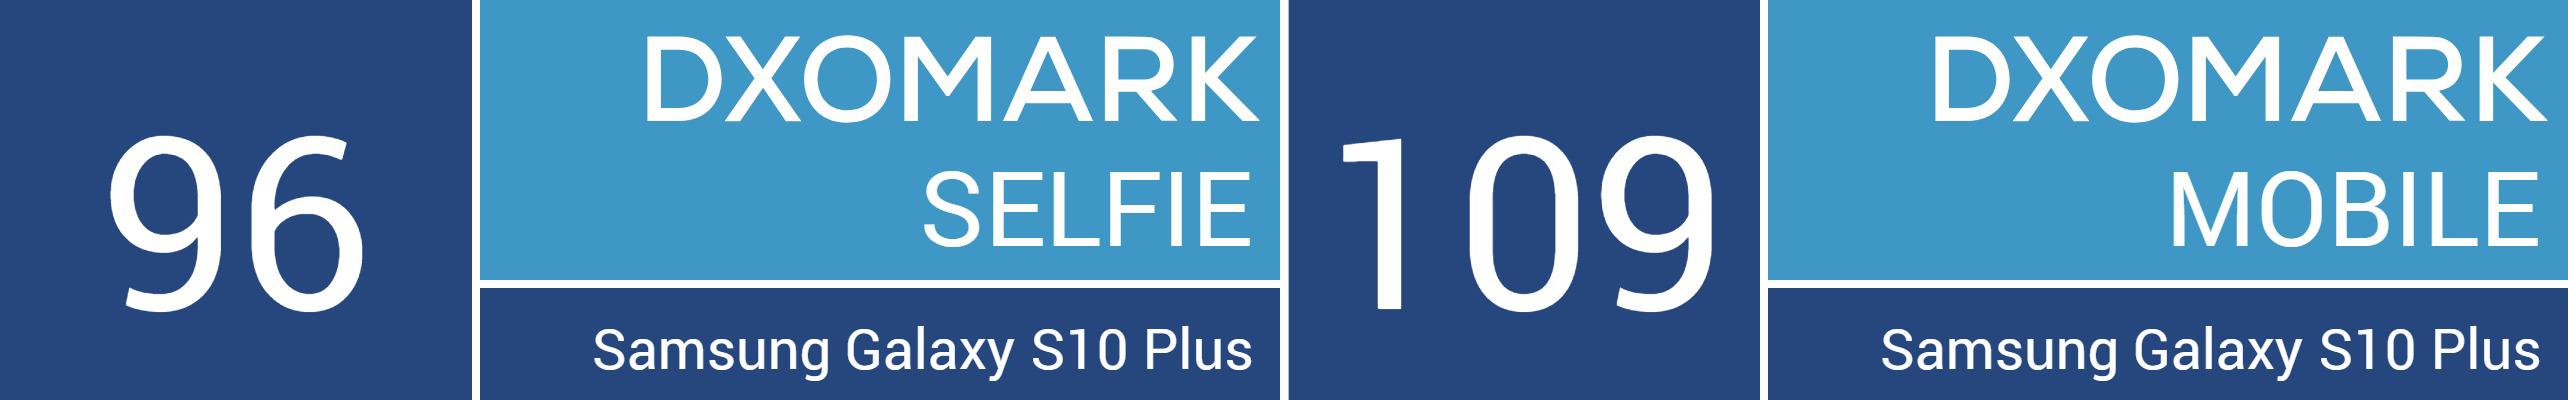 Die Kamera des Samsung Galaxy S10+ belegt den ersten Platz im DxOMark Selfie Ranking